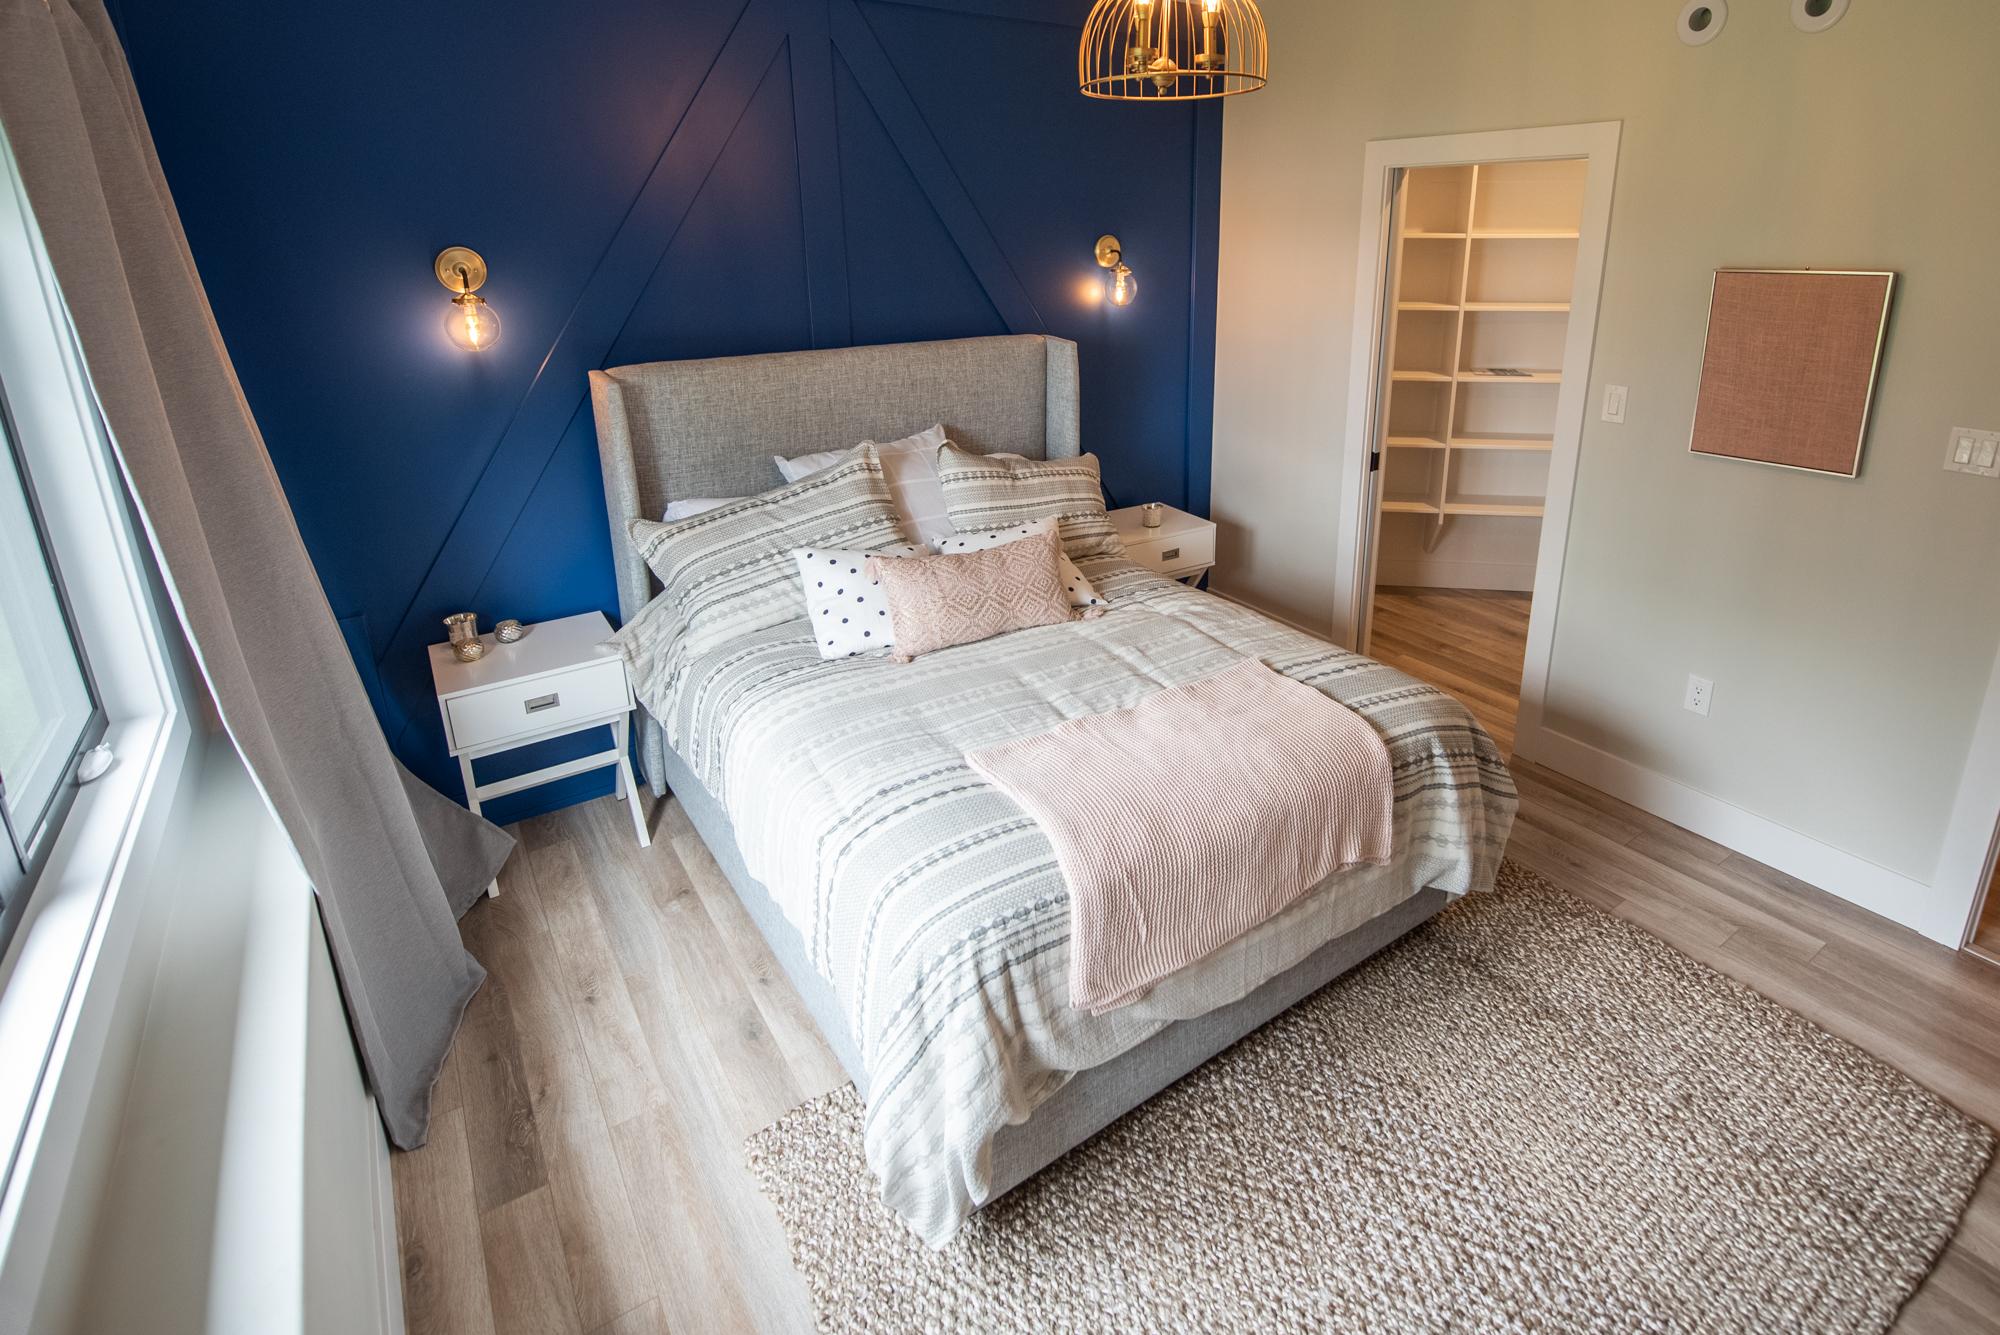 Guest bedroomDAC_7170-HDR_.jpg